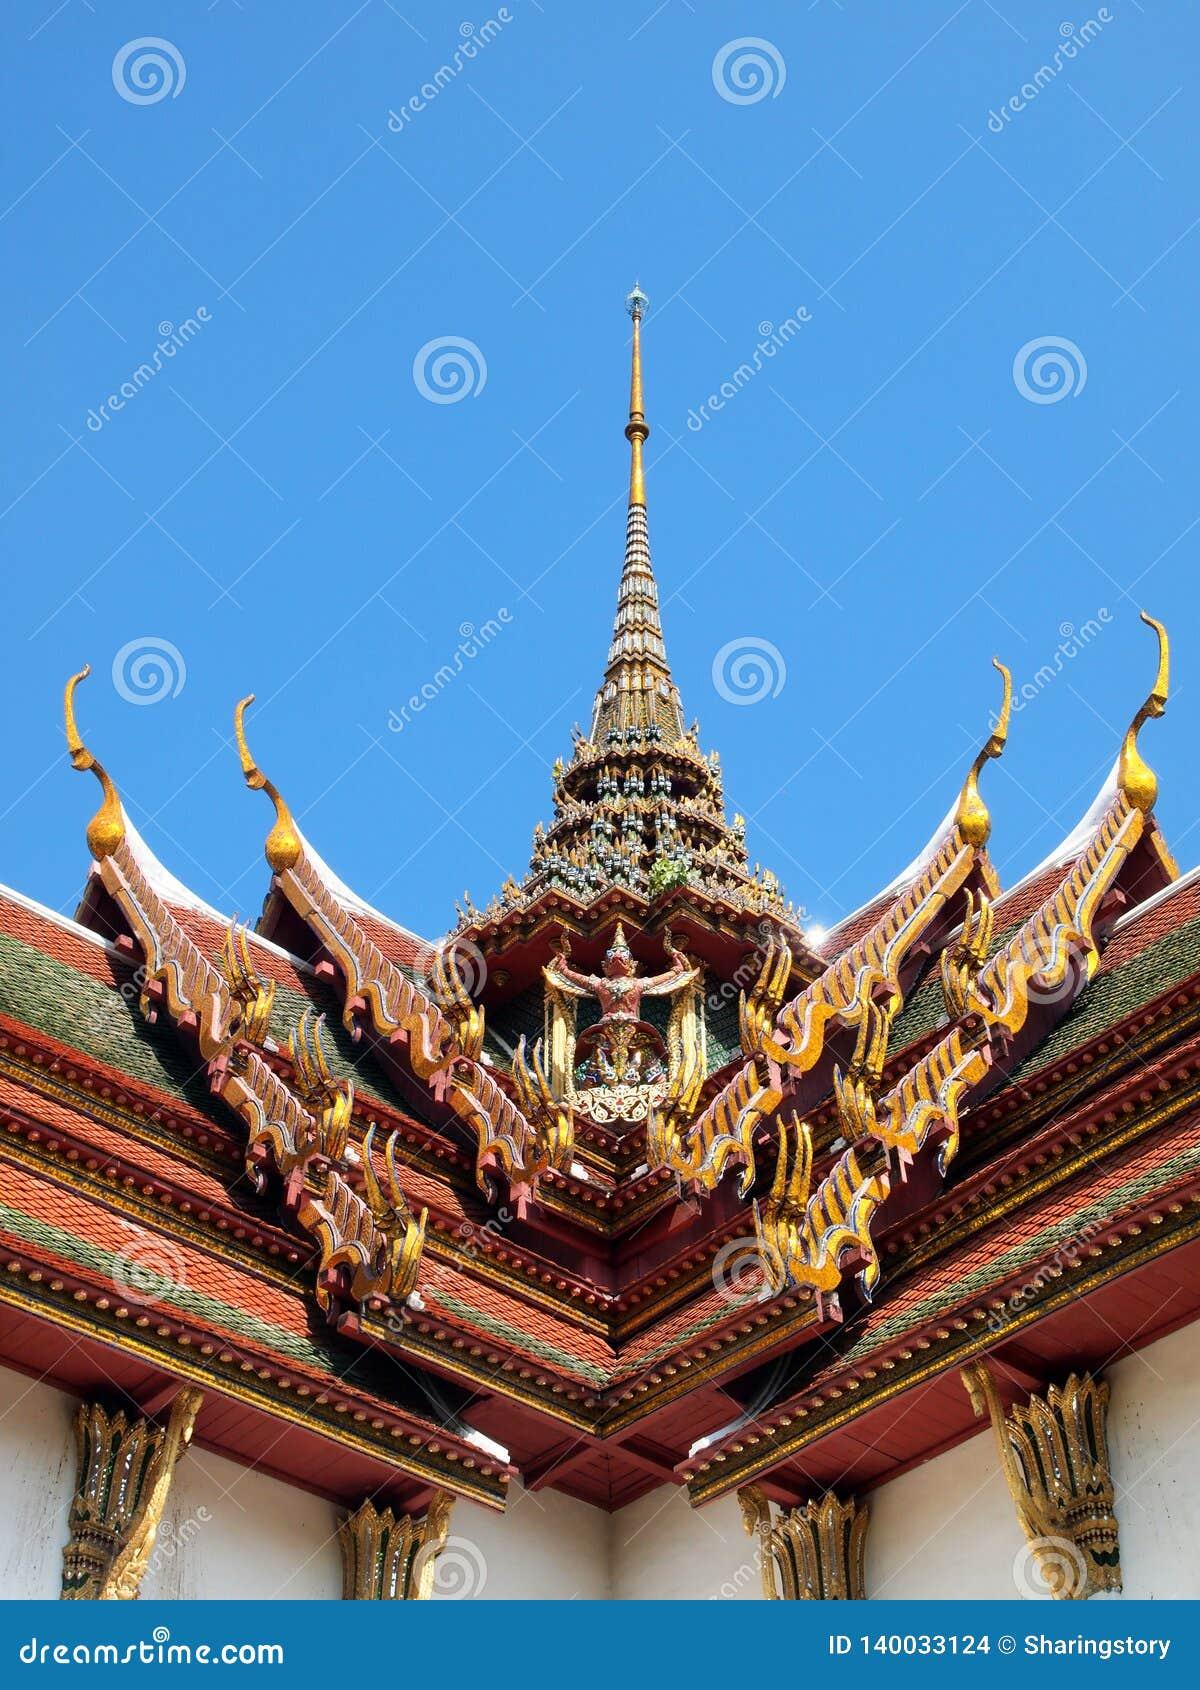 Щипец крыши в тайском стиле